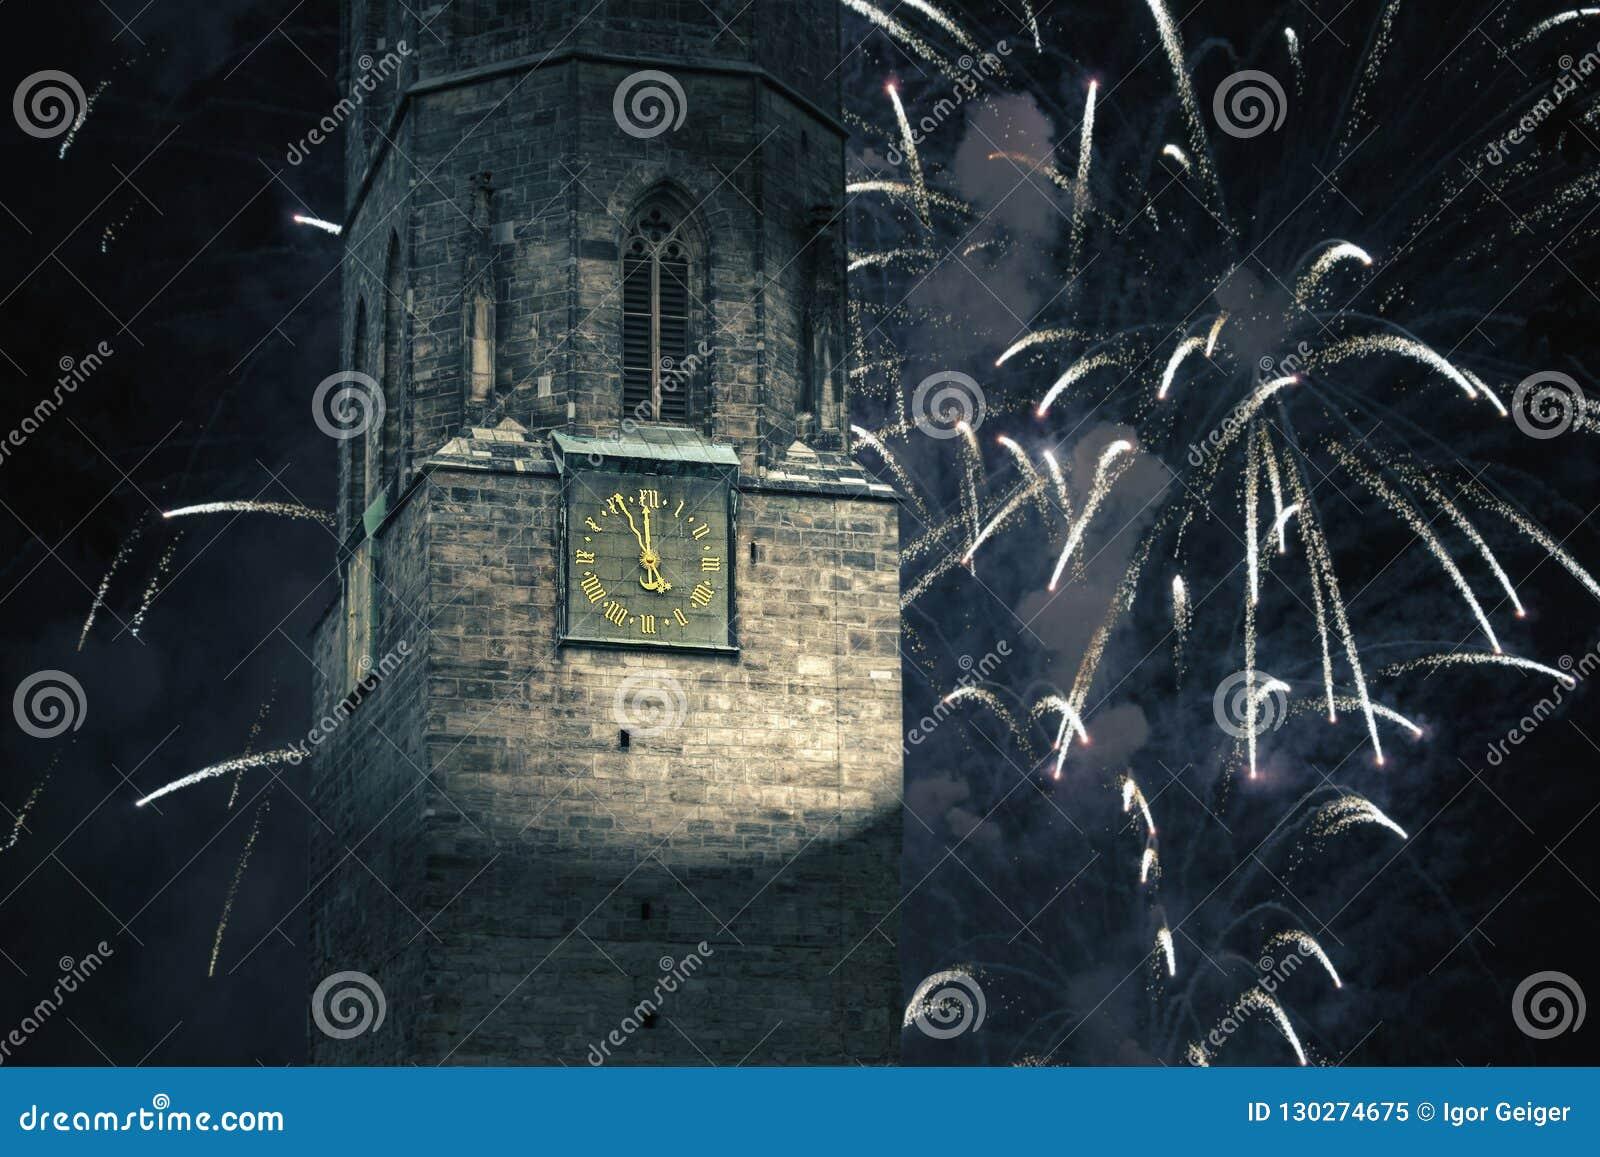 Часы на башне города показывают 5 минут до 12 на Новом Годе